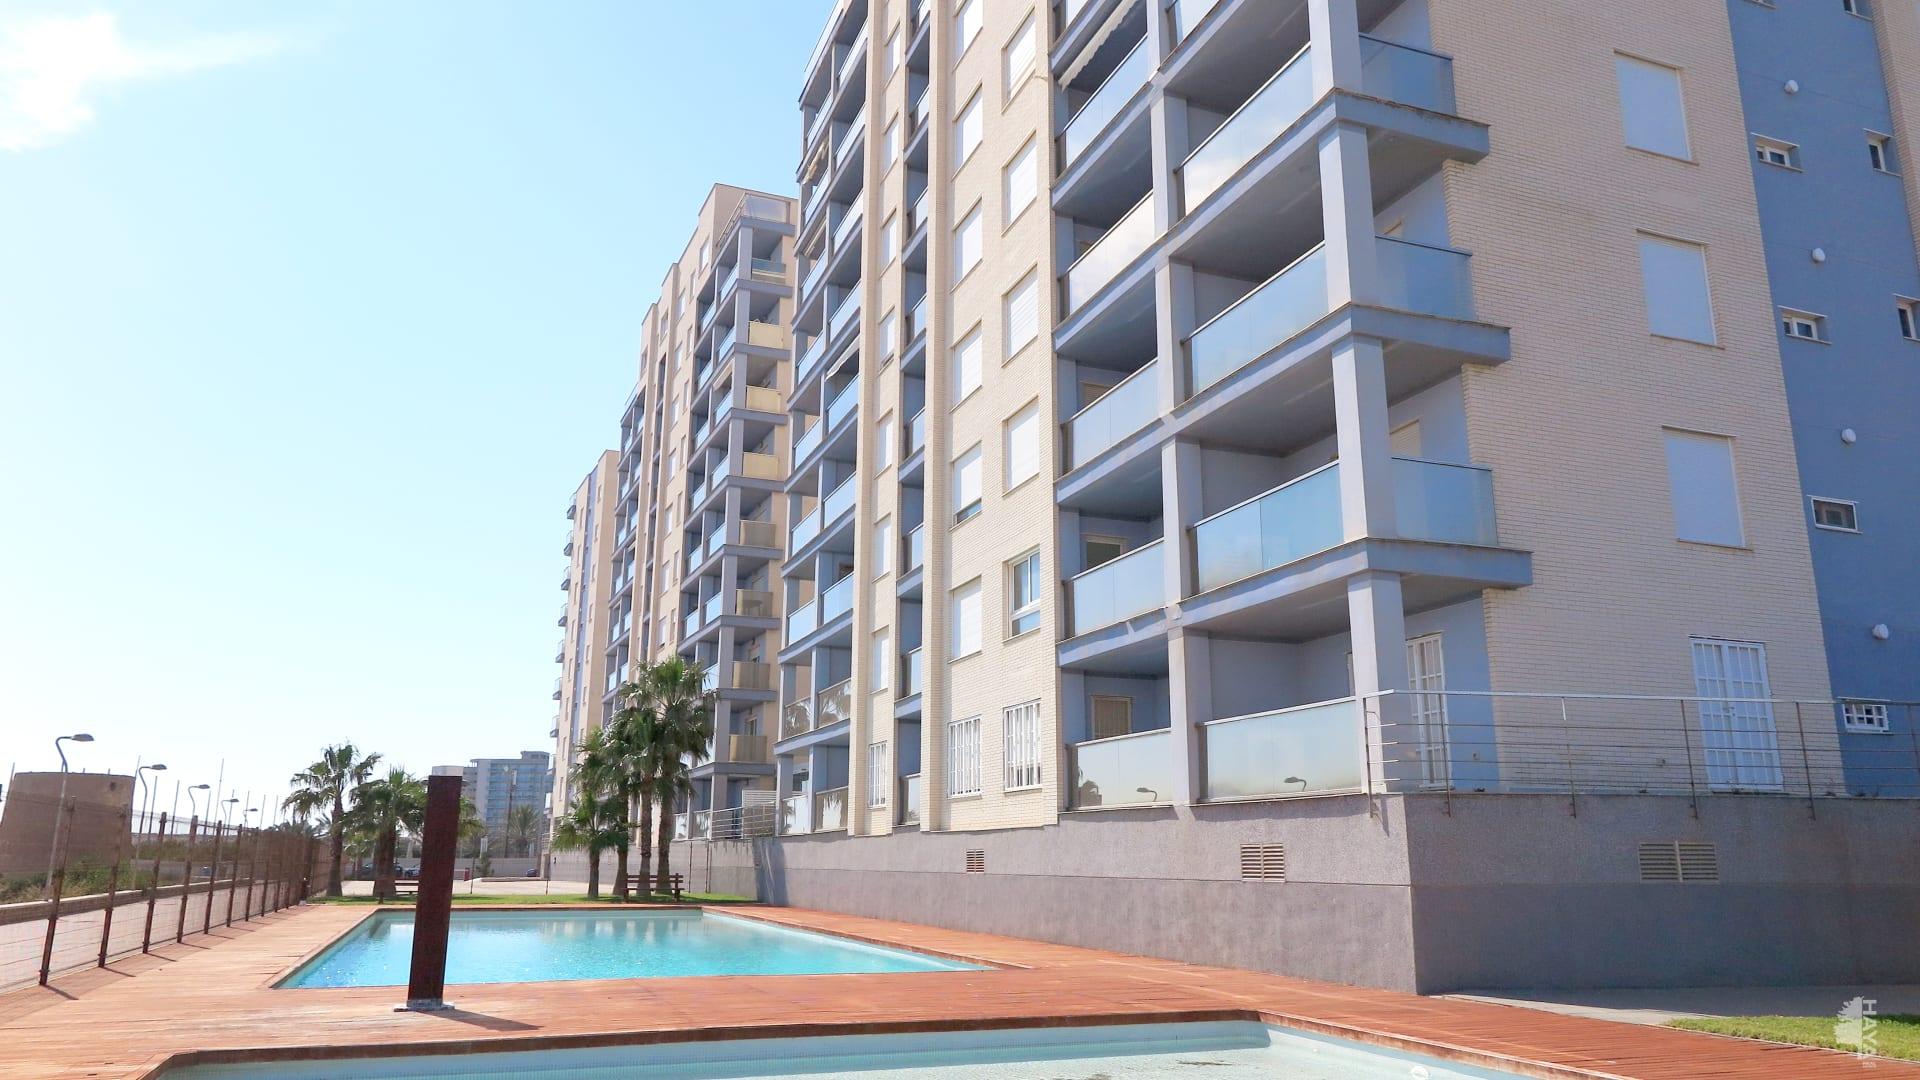 Piso en venta en San Javier, Murcia, Calle Prolongación Pol F. Conj Resid. Veneziola Golf Ii, 122.000 €, 2 habitaciones, 2 baños, 62 m2